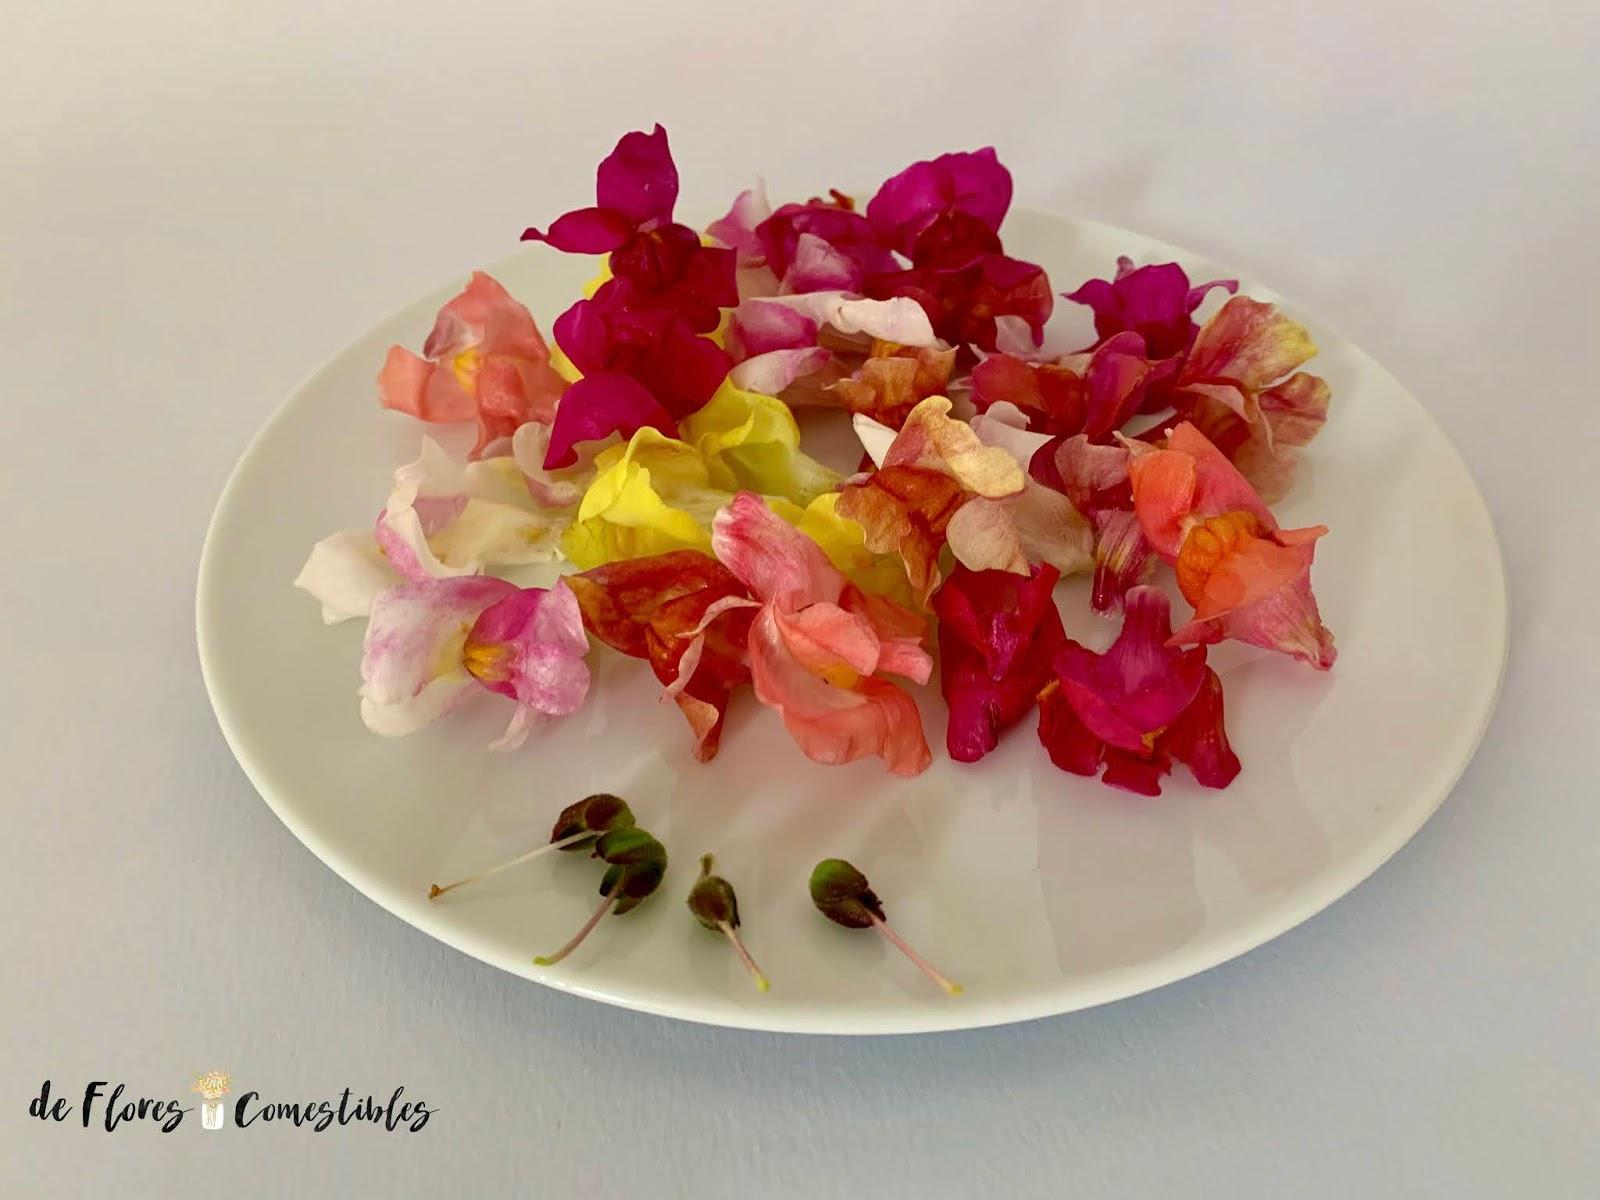 Decorar tus platos con flores comestibles